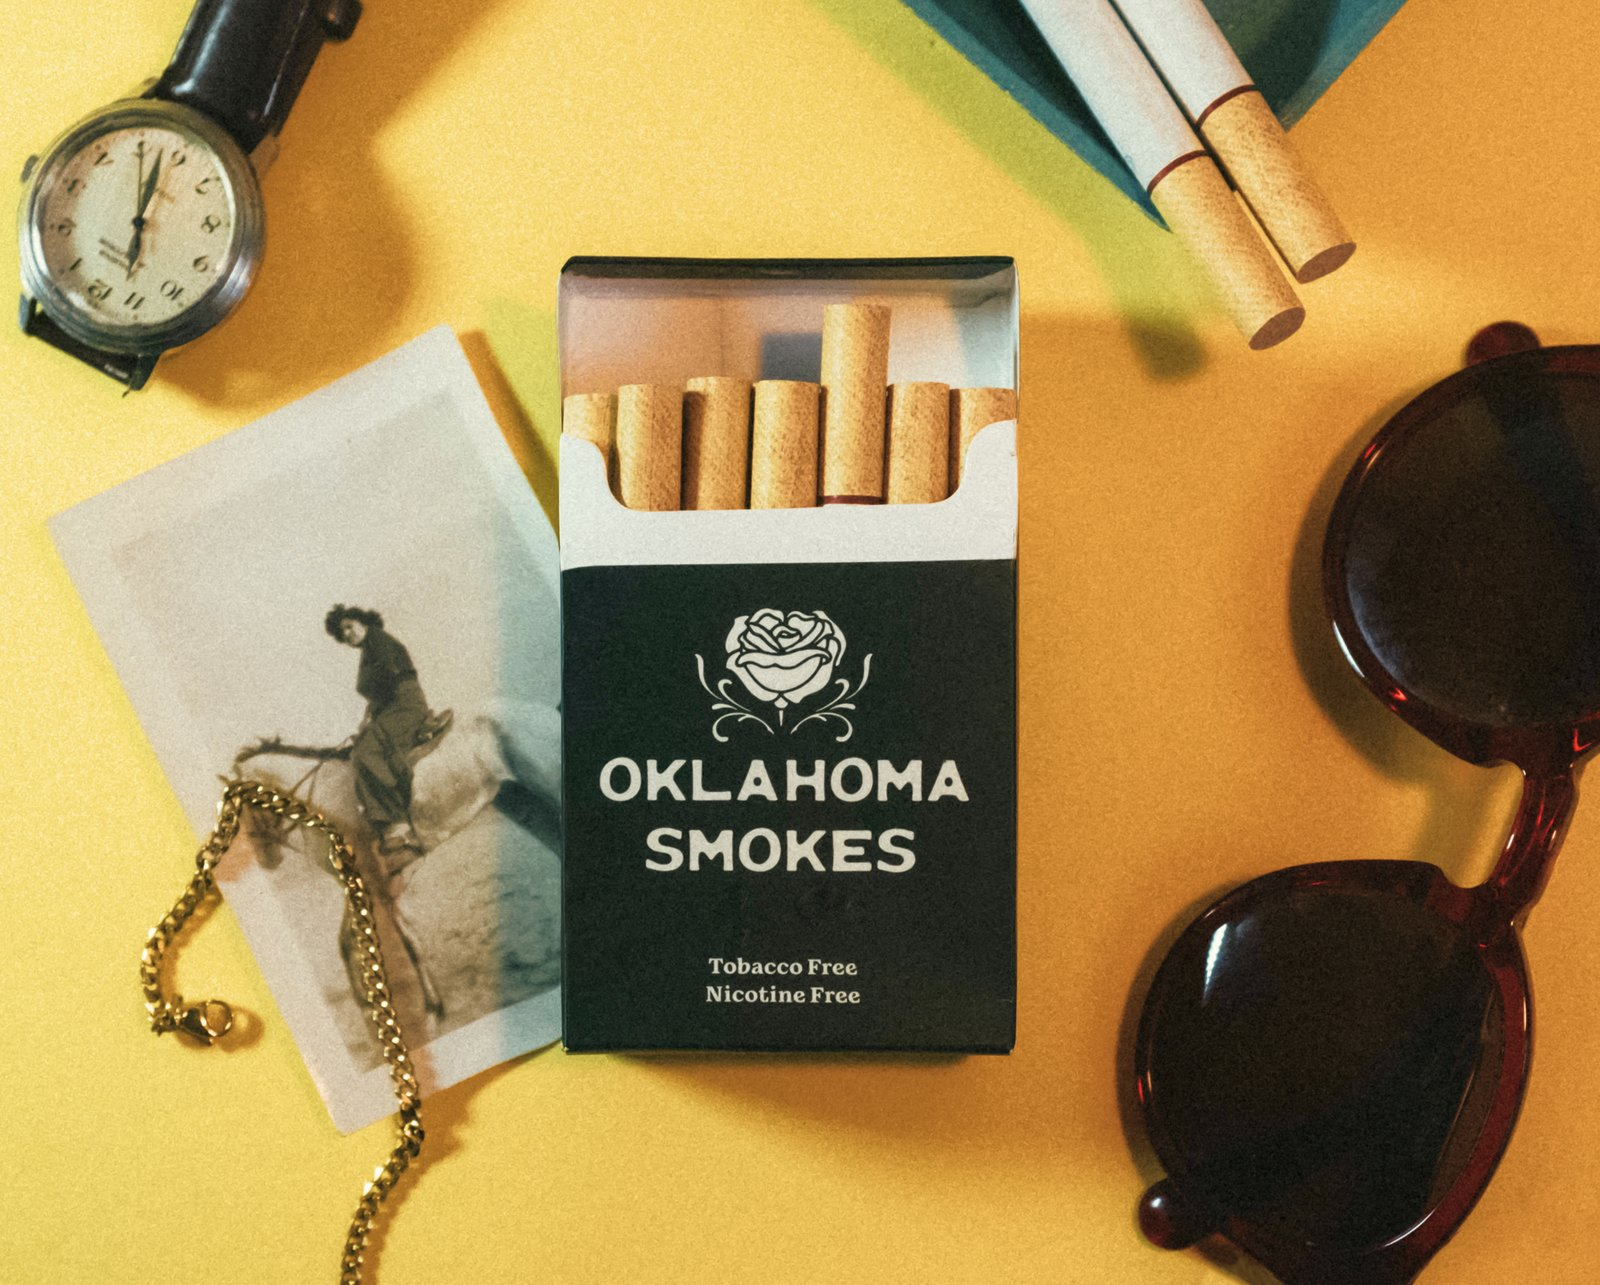 Oklahoma Smokes